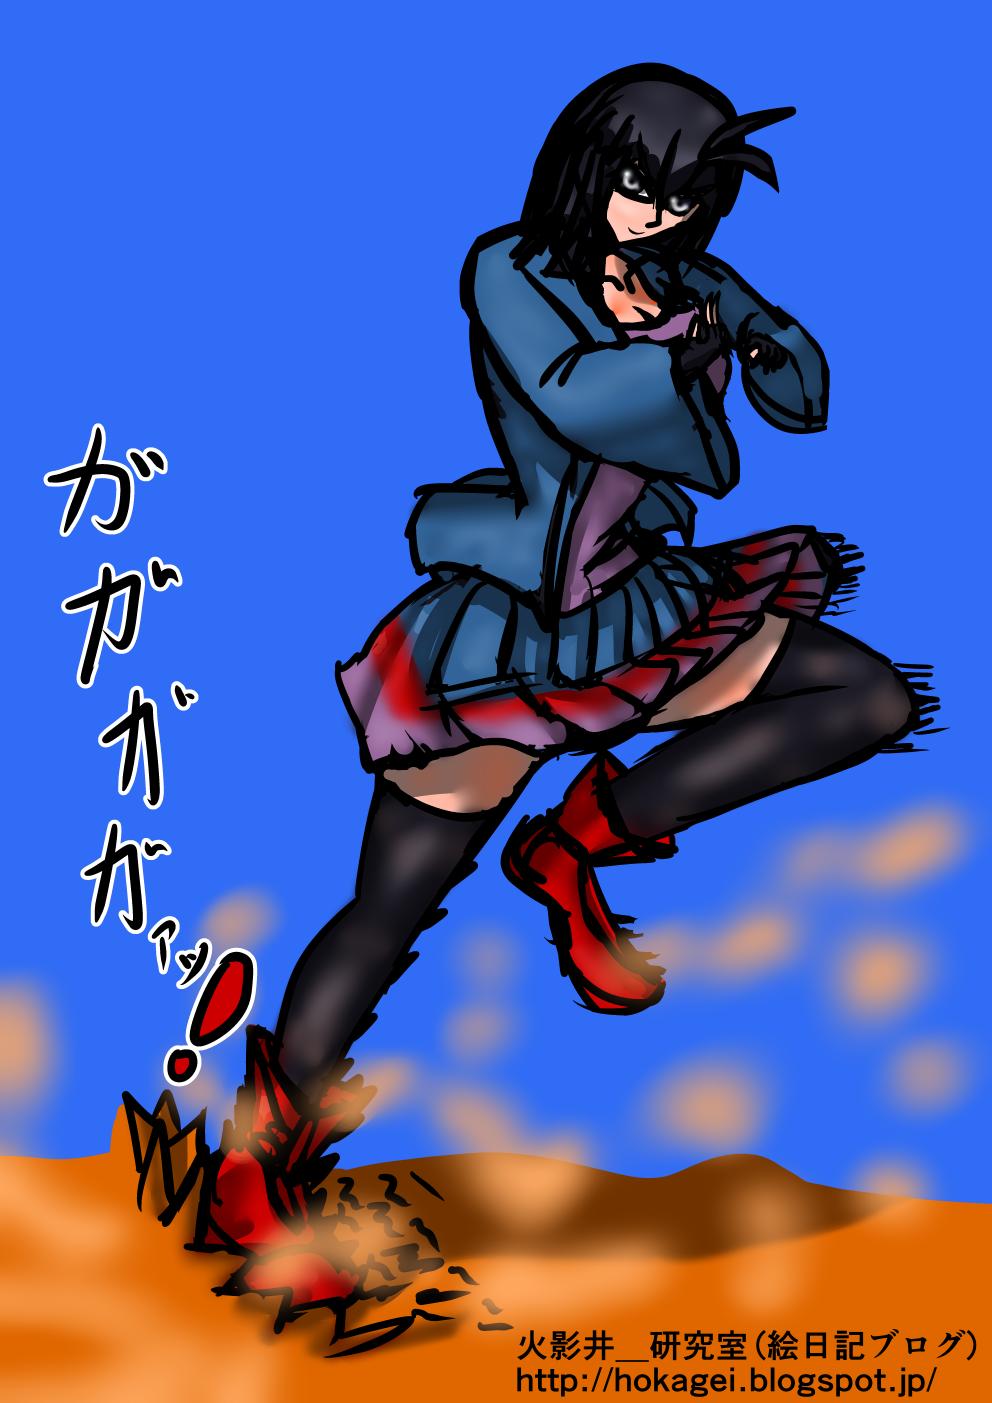 ガガガガッ(八雲楓)